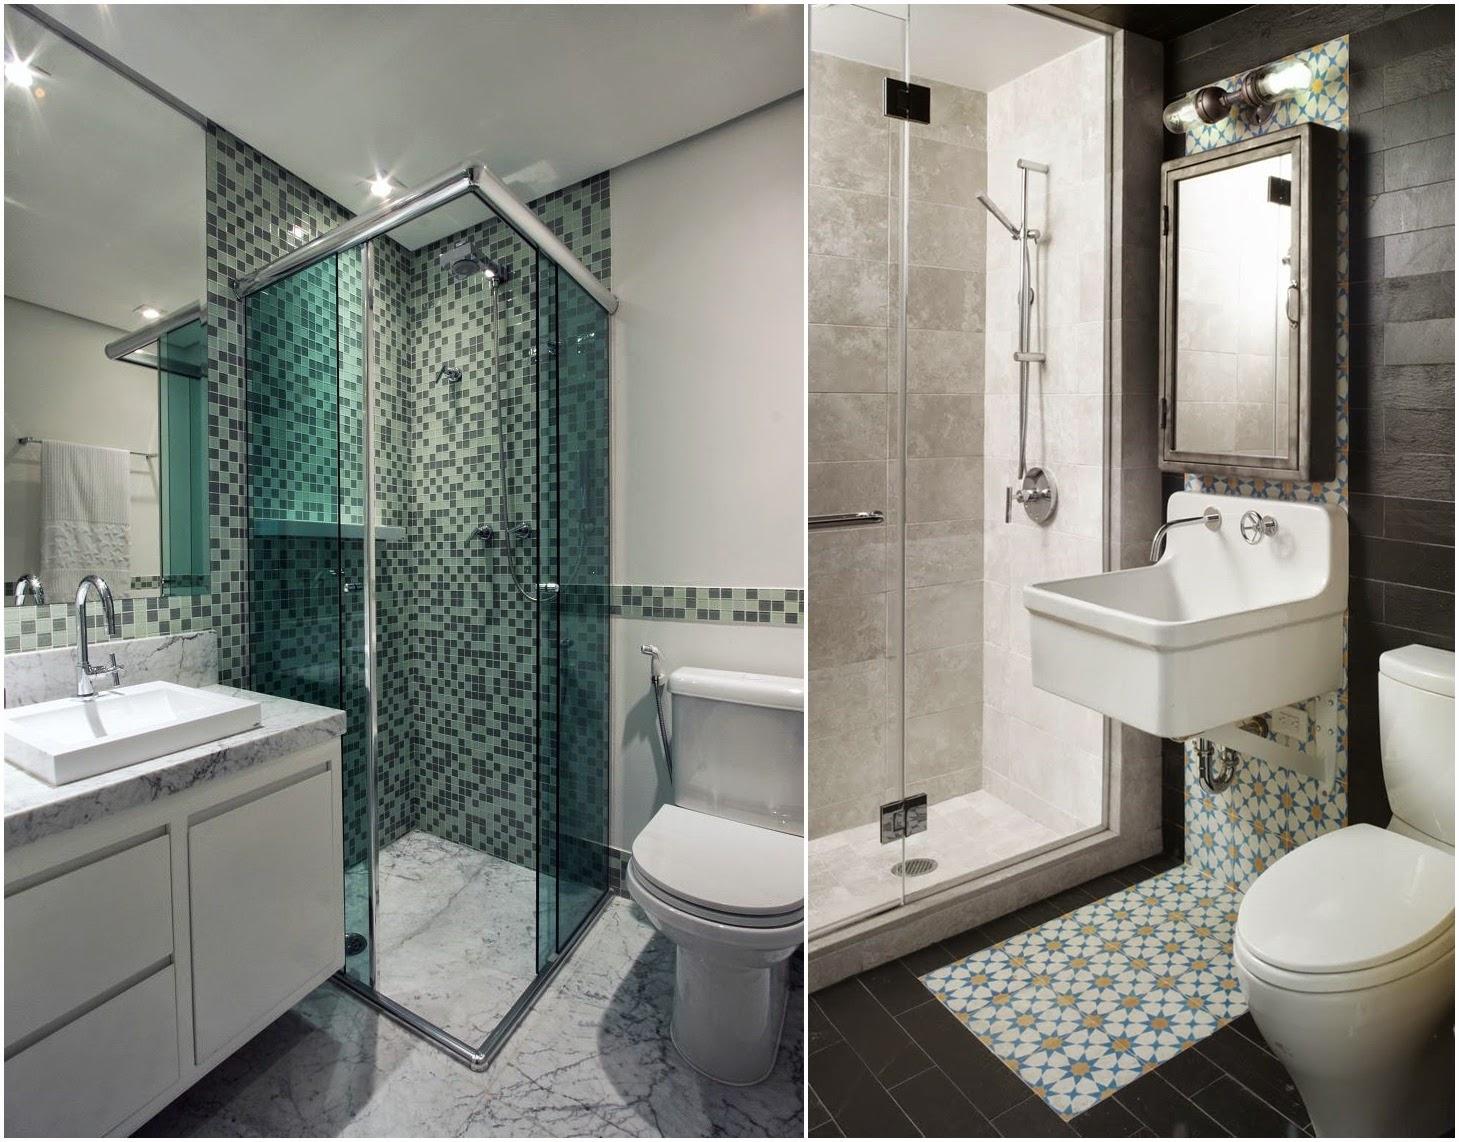 Adim veis adim veis decor ideias para banheiros pequenos for Imagenes de estanques pequenos